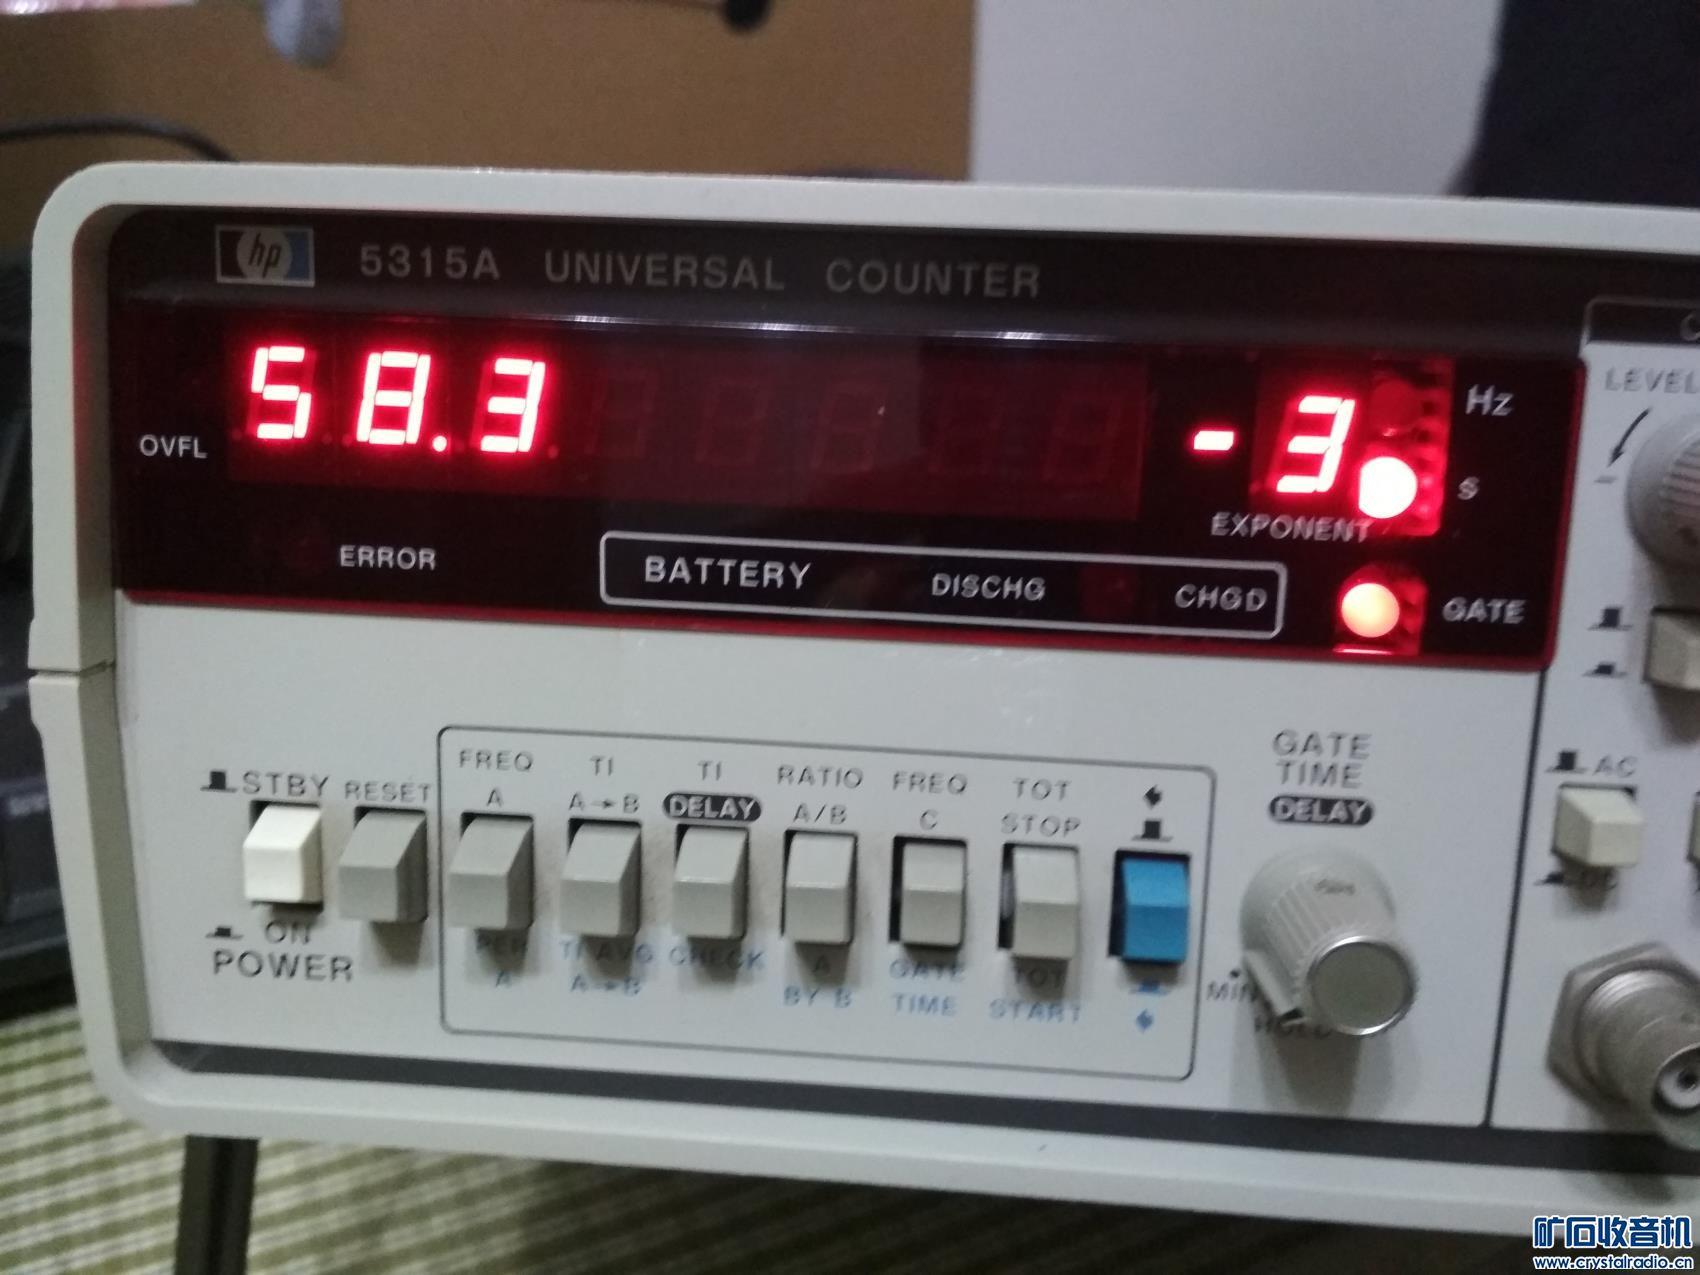 3419号原装美国频率计很新无附件全部功能完好(精度不保380元) (4).jpg